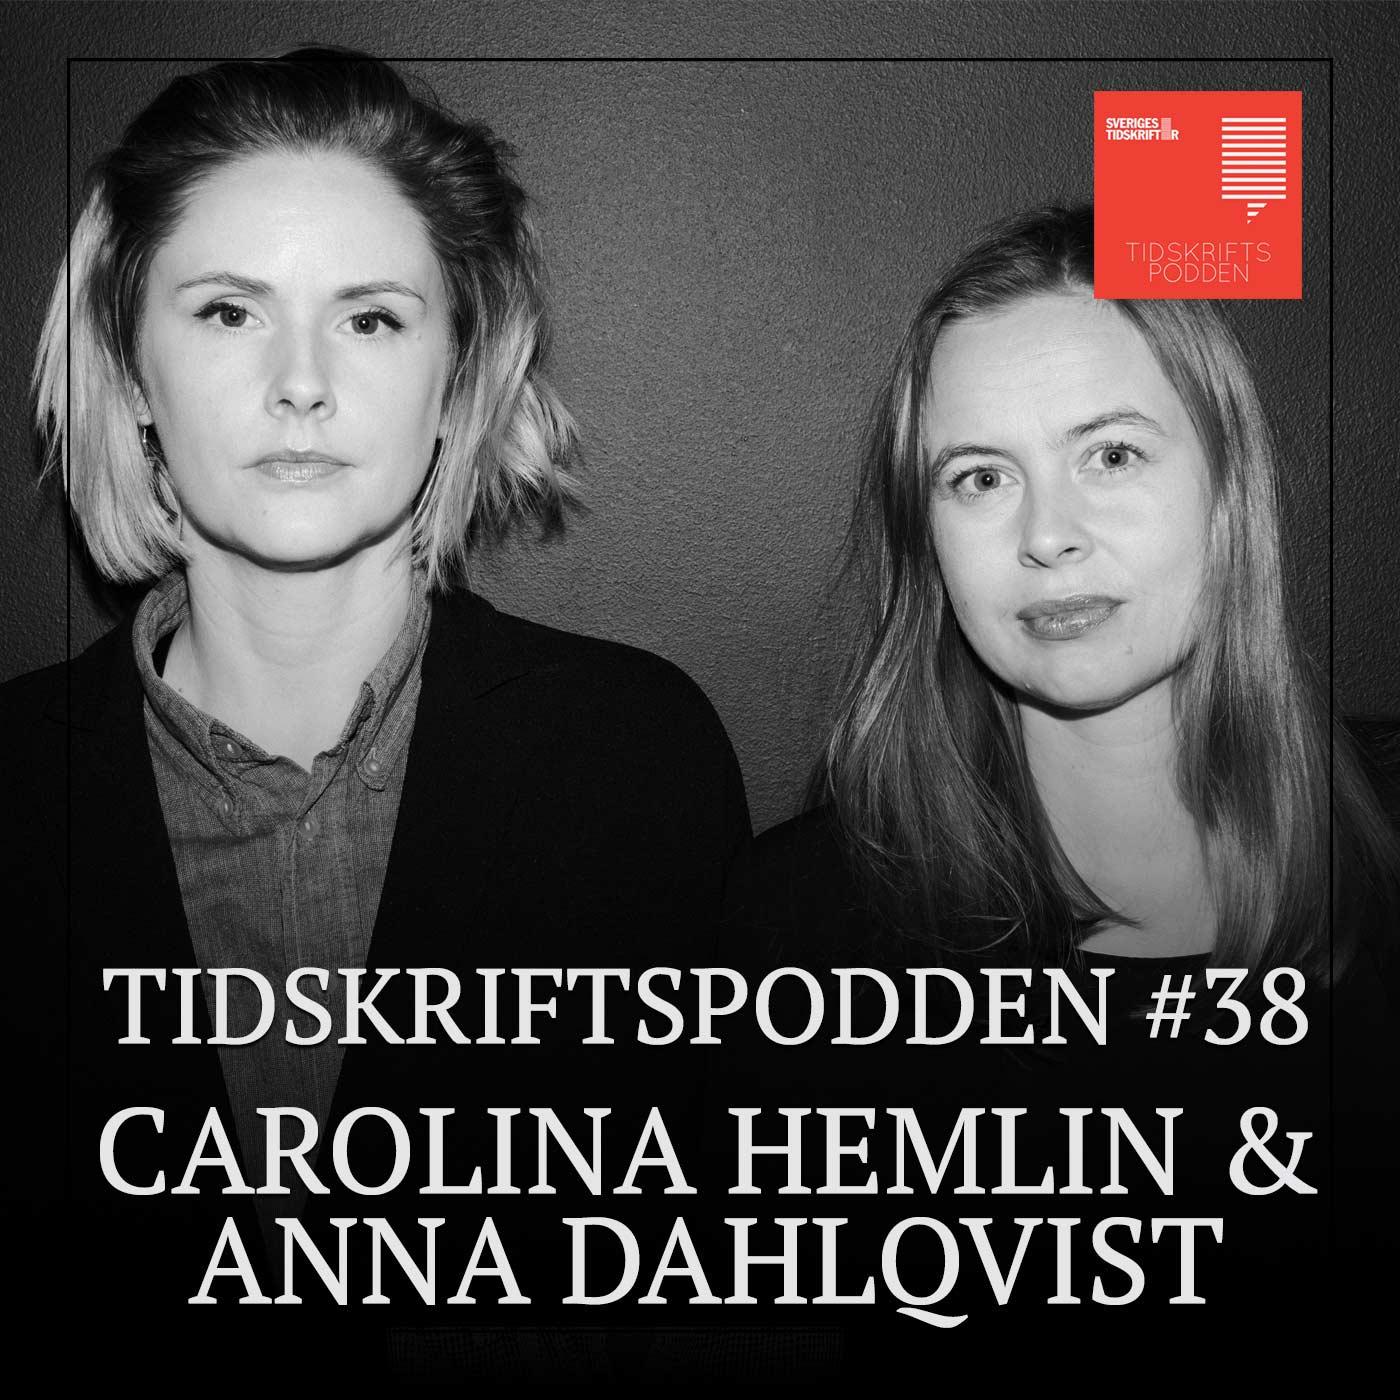 Carolina Hemlin och Anna Dahlqvist